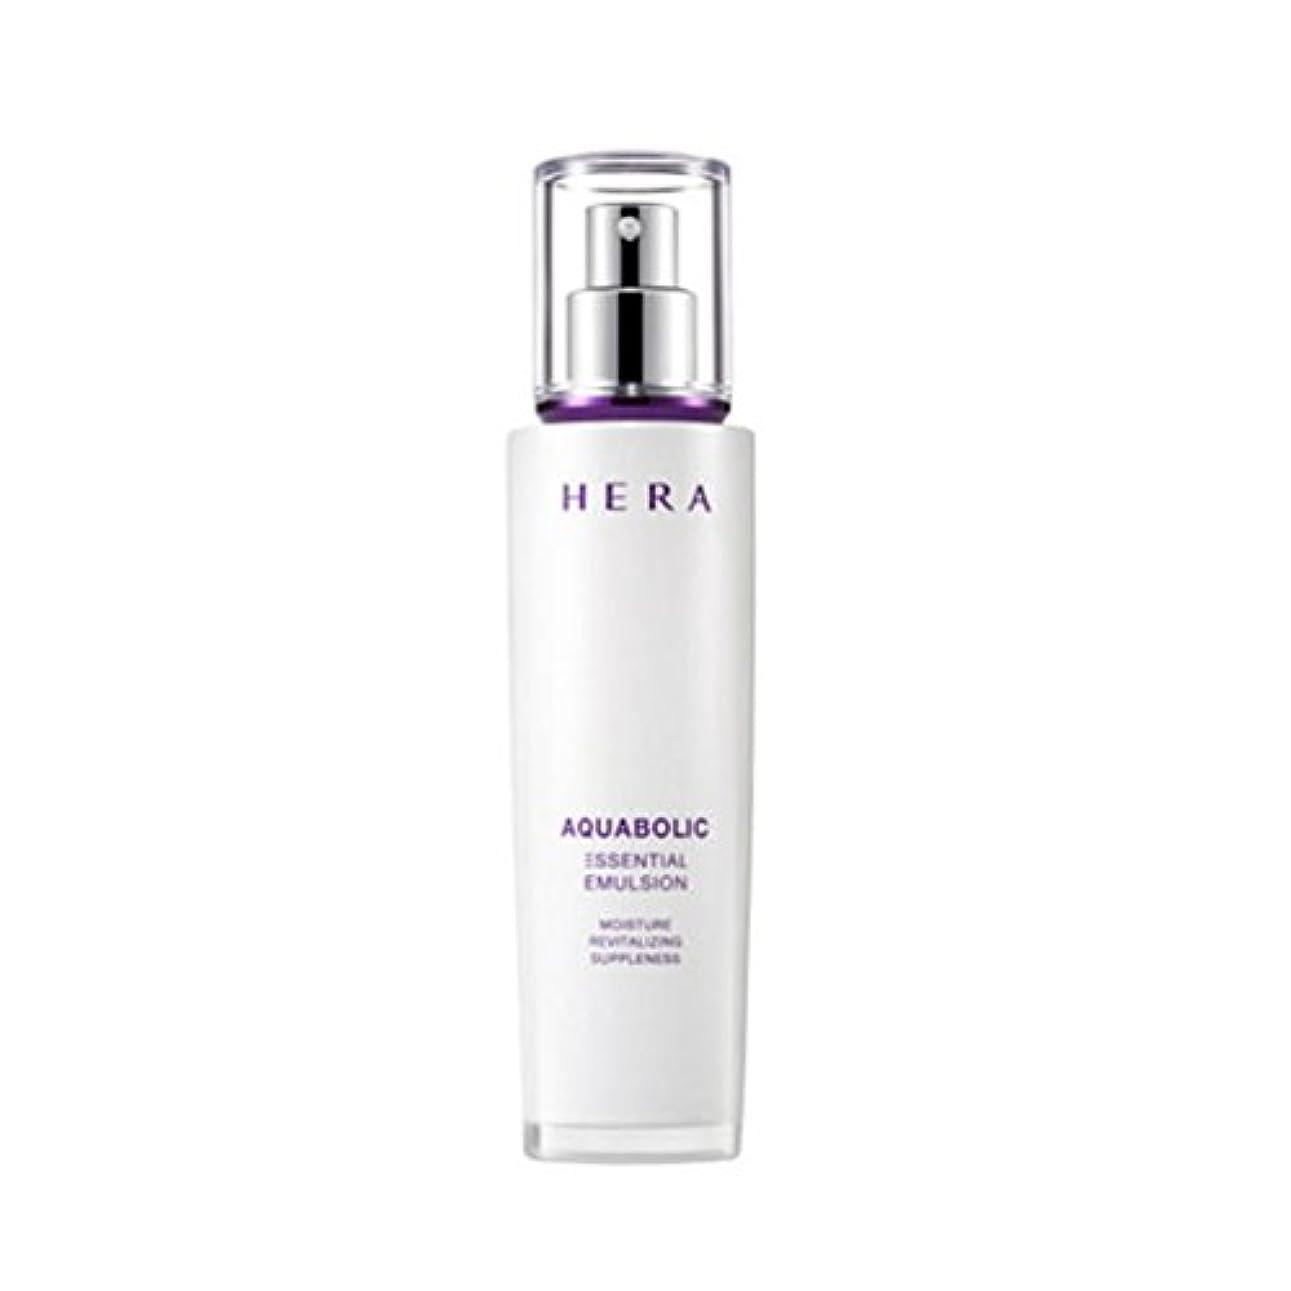 広々とした混合したメナジェリー(ヘラ) HERA アクアボリックエッセンシャル エマルジョン 120ml / Aquabolic Essential Emulsion 120ml (韓国直輸入)